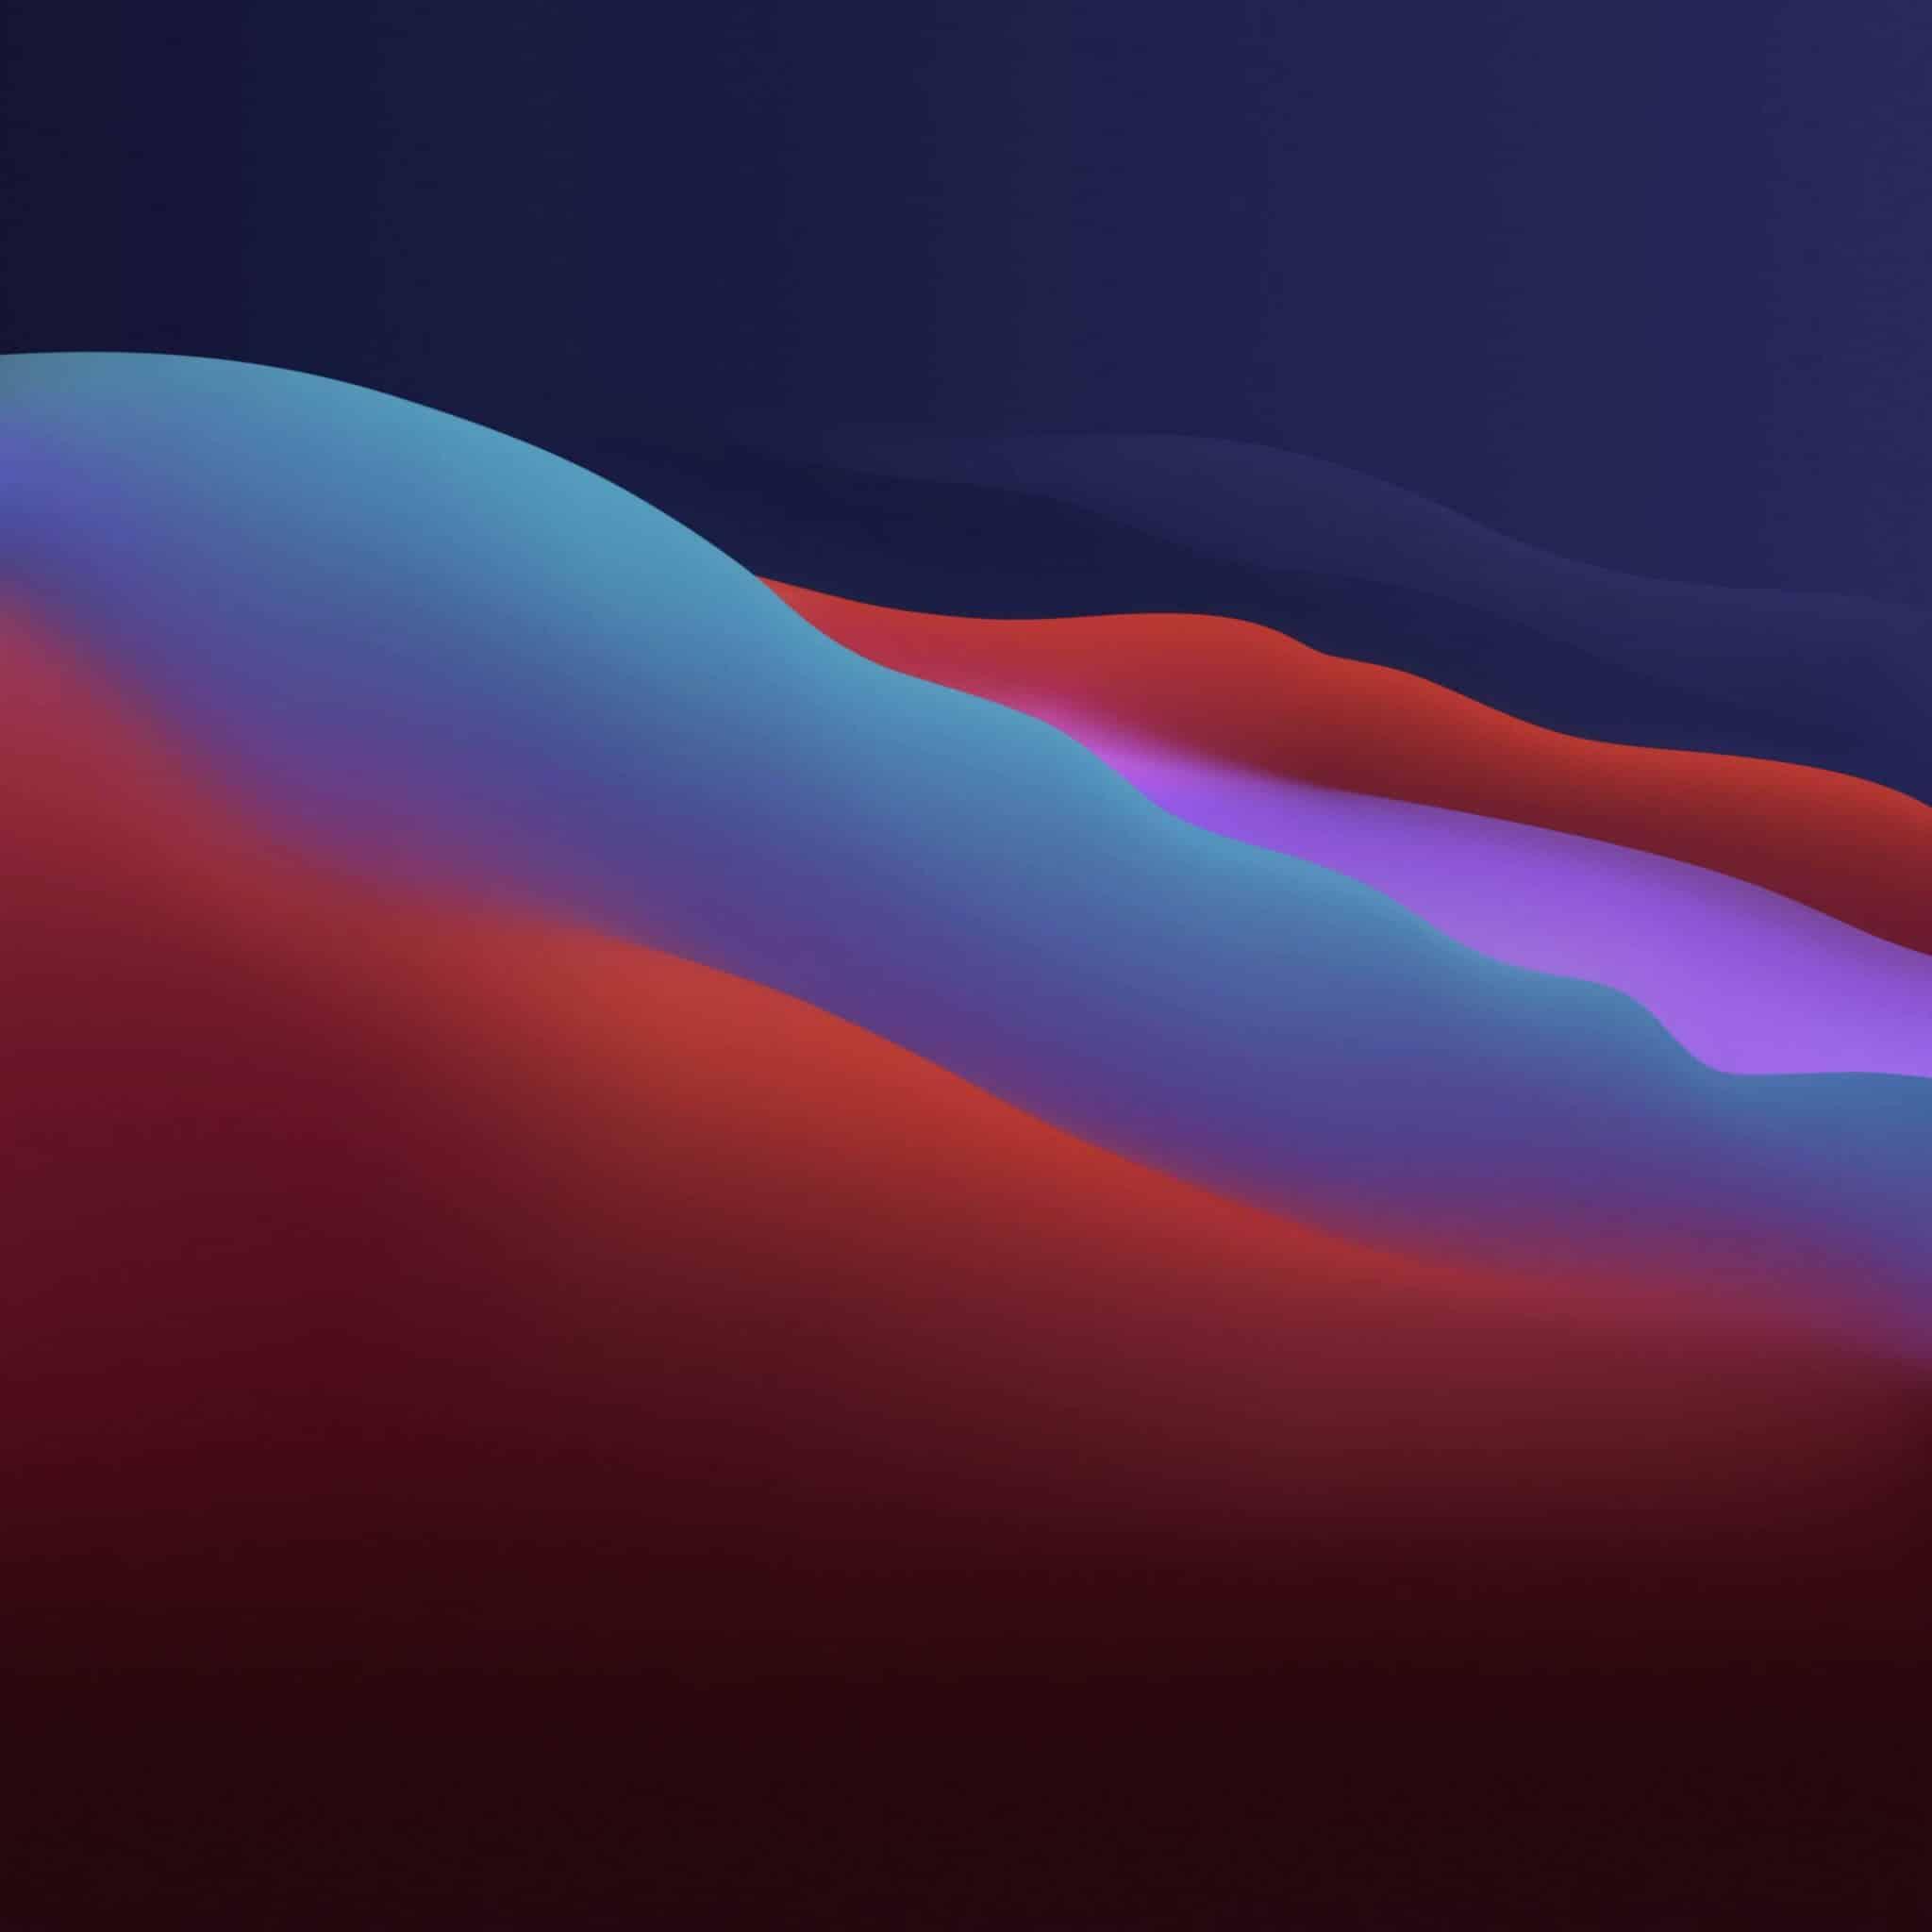 macos big sur vector wave dark wallpaper